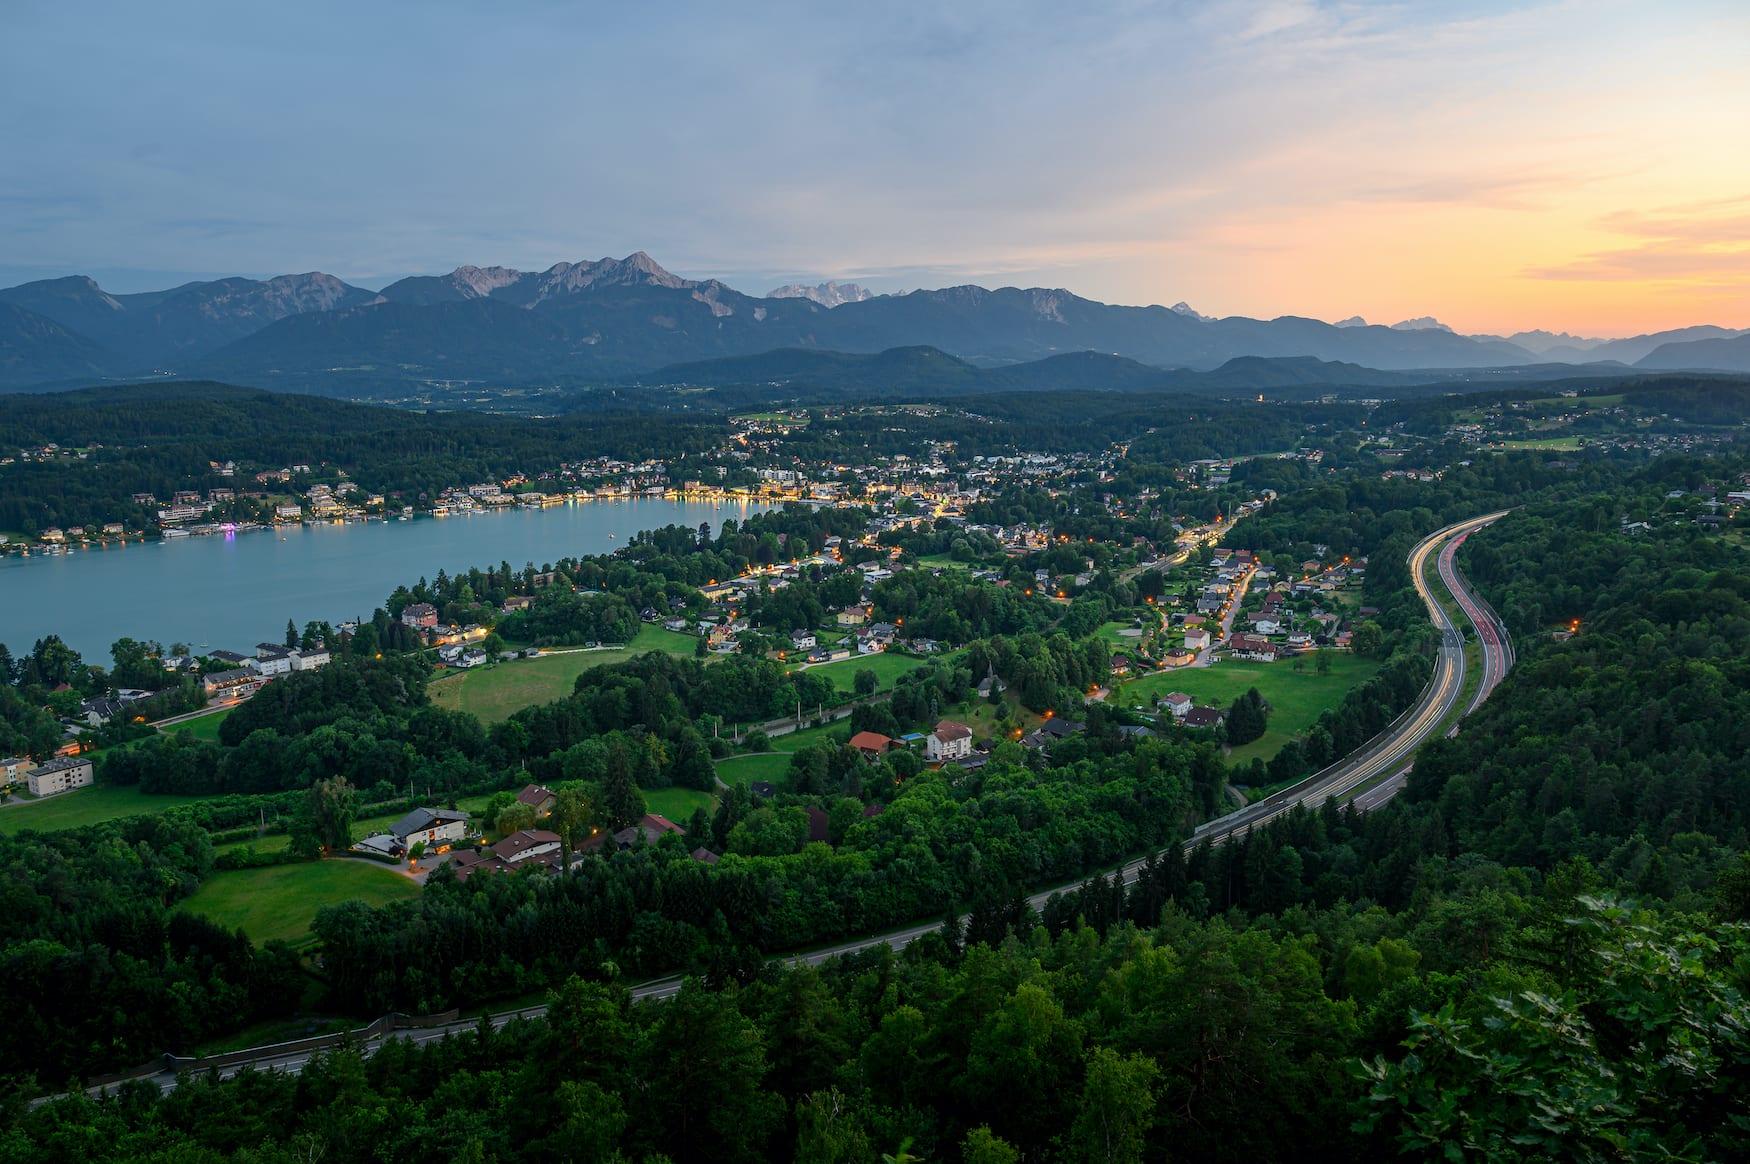 Blick auf Velden am Wörthersee in Österreich